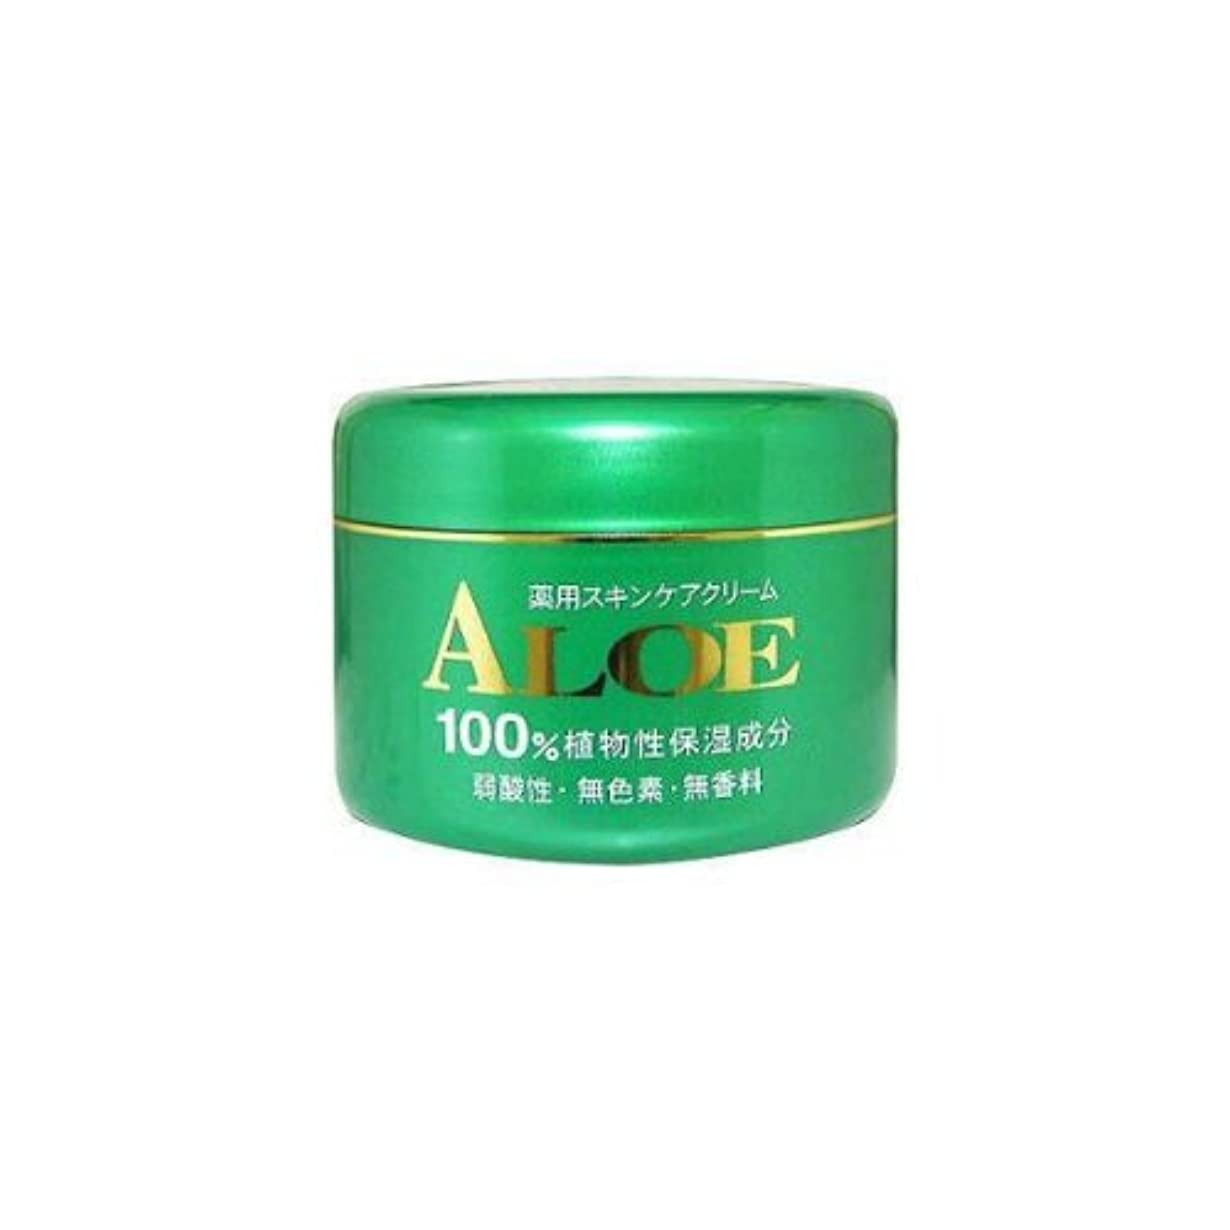 モードリンパーティション支援するアロエ薬用スキンケアクリーム185g